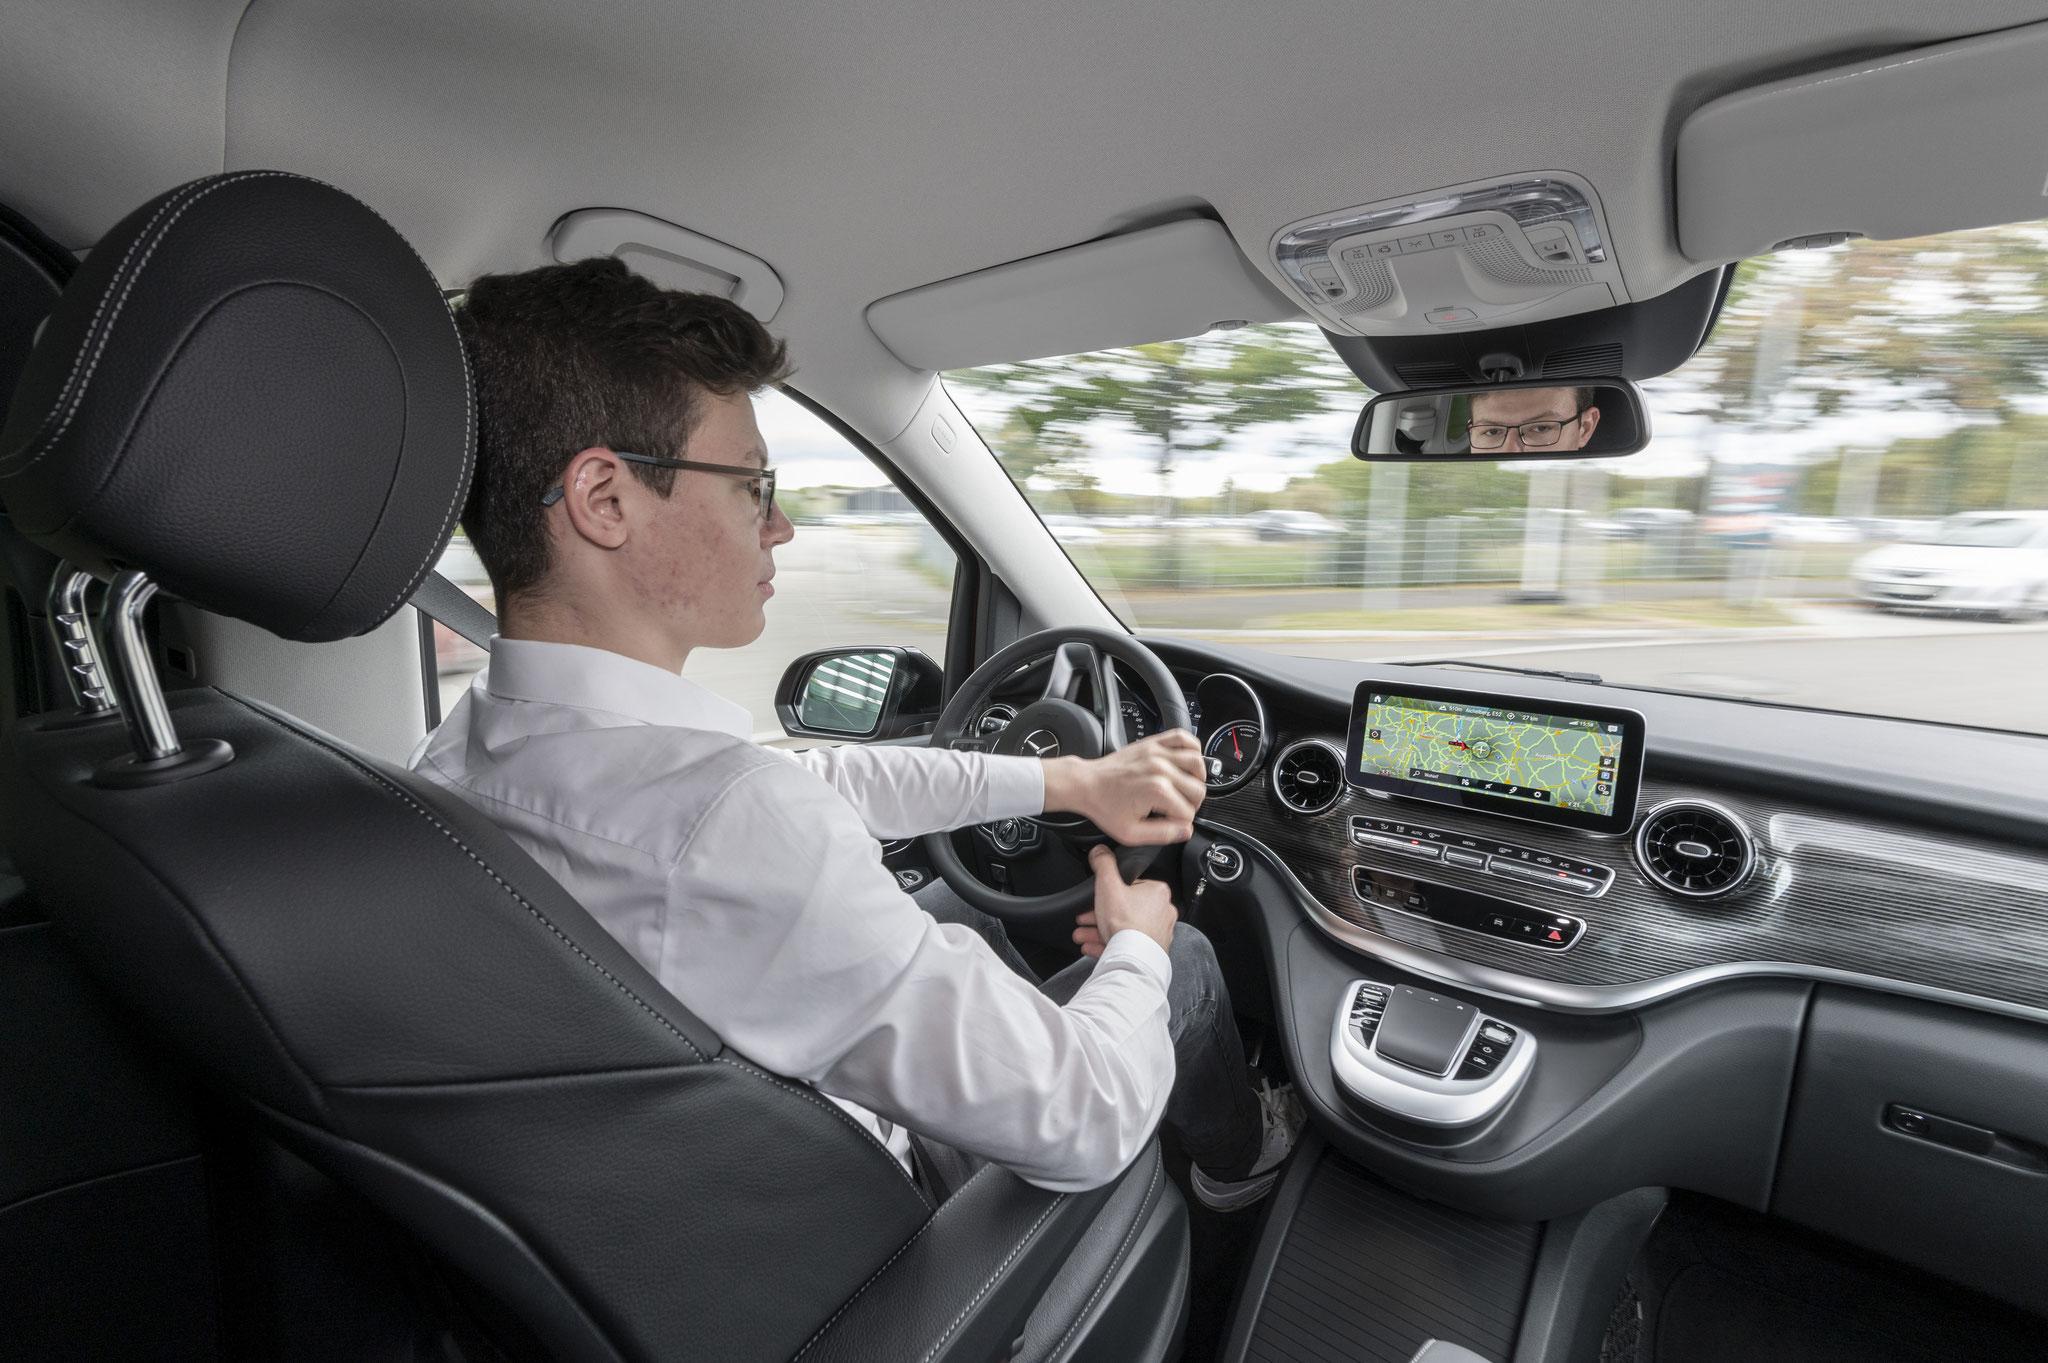 Auch, wenn der Gesichtsausdruck nicht passt: Das Fahren hat großen Spaß gemacht